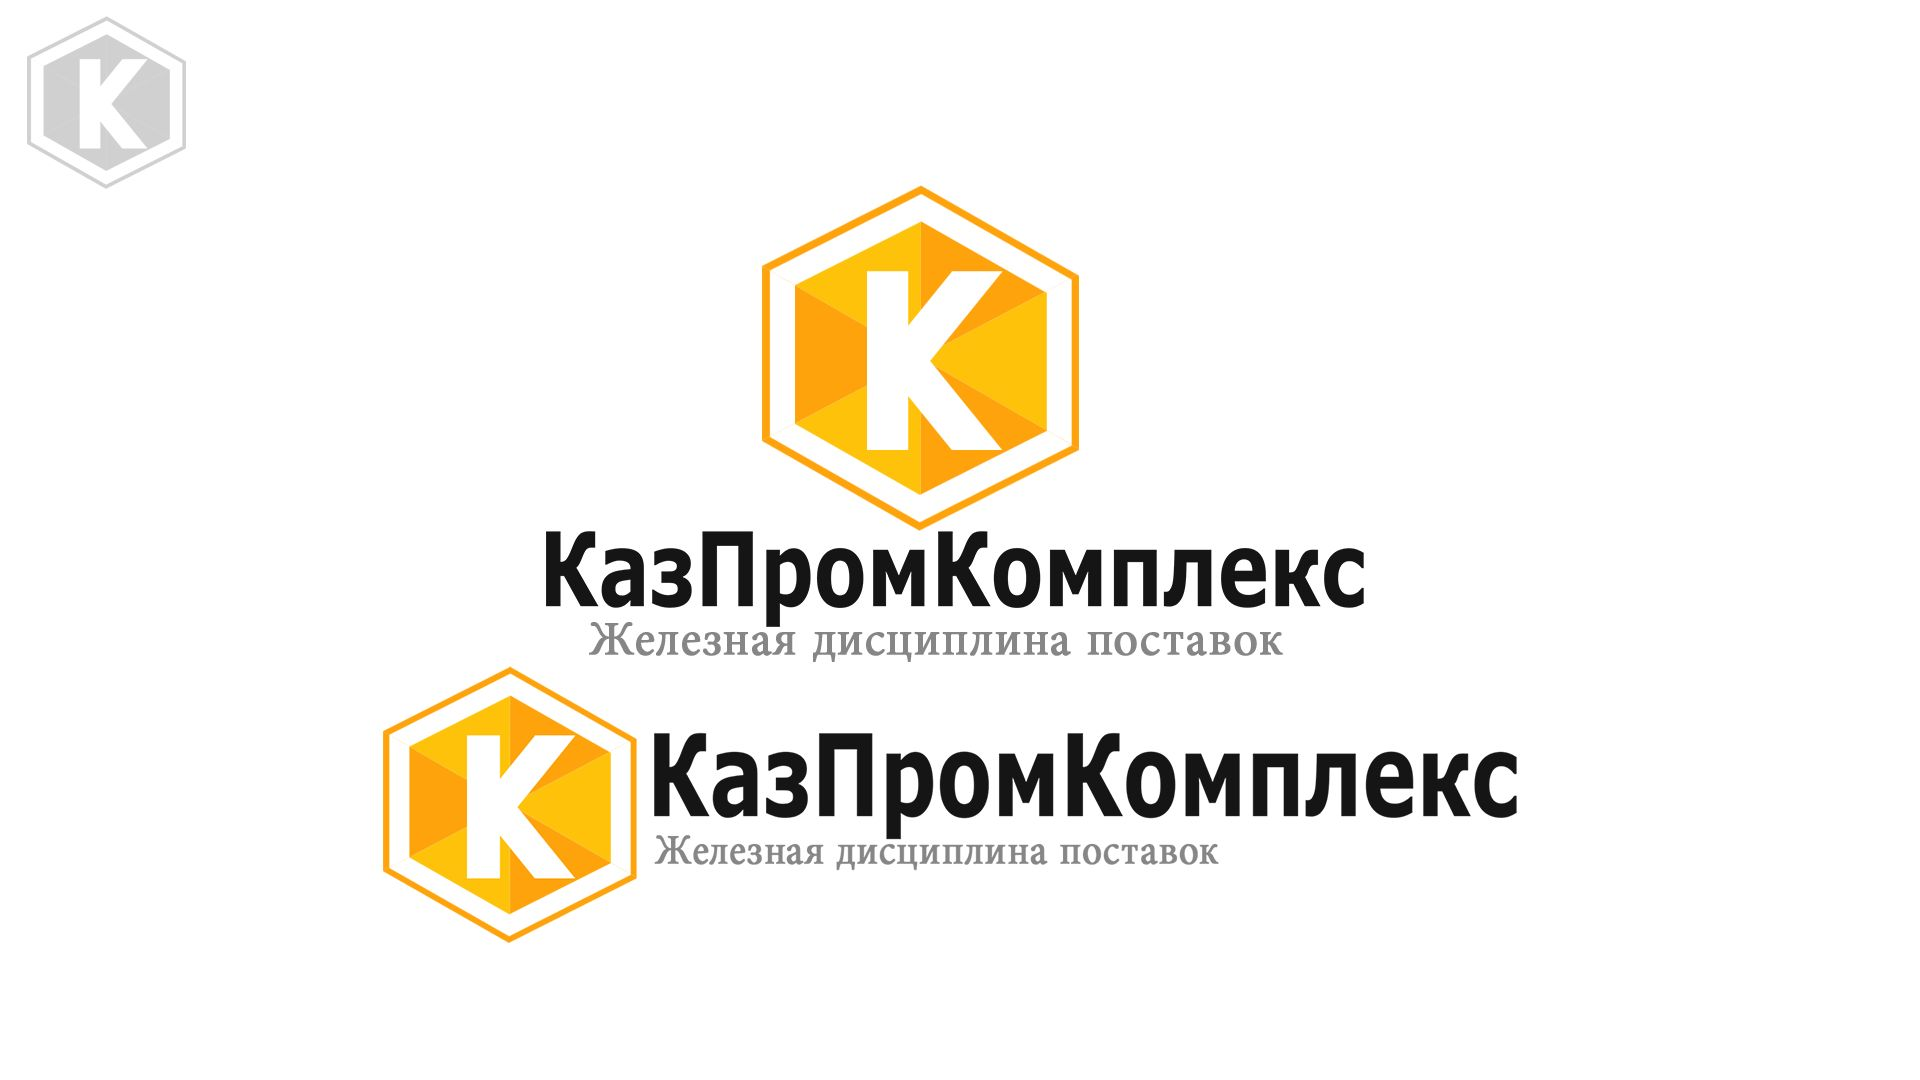 Редизайн логотипа, создание фирменного стиля - дизайнер RayGamesThe